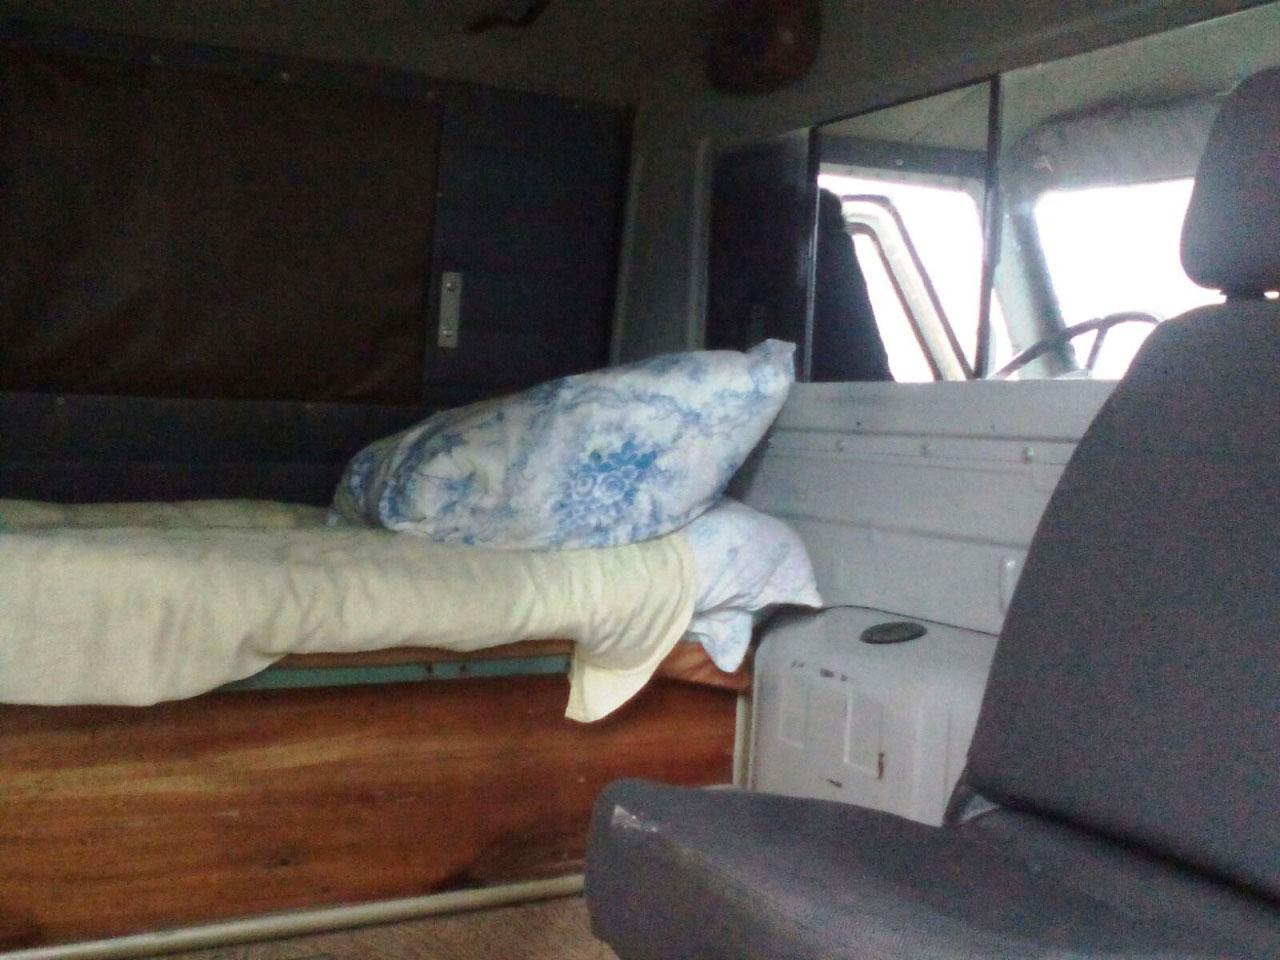 Пос. Талая. Самодельная лежанка в автомобиле скорой помощи. По правилам перевозить на ней больных запрещено